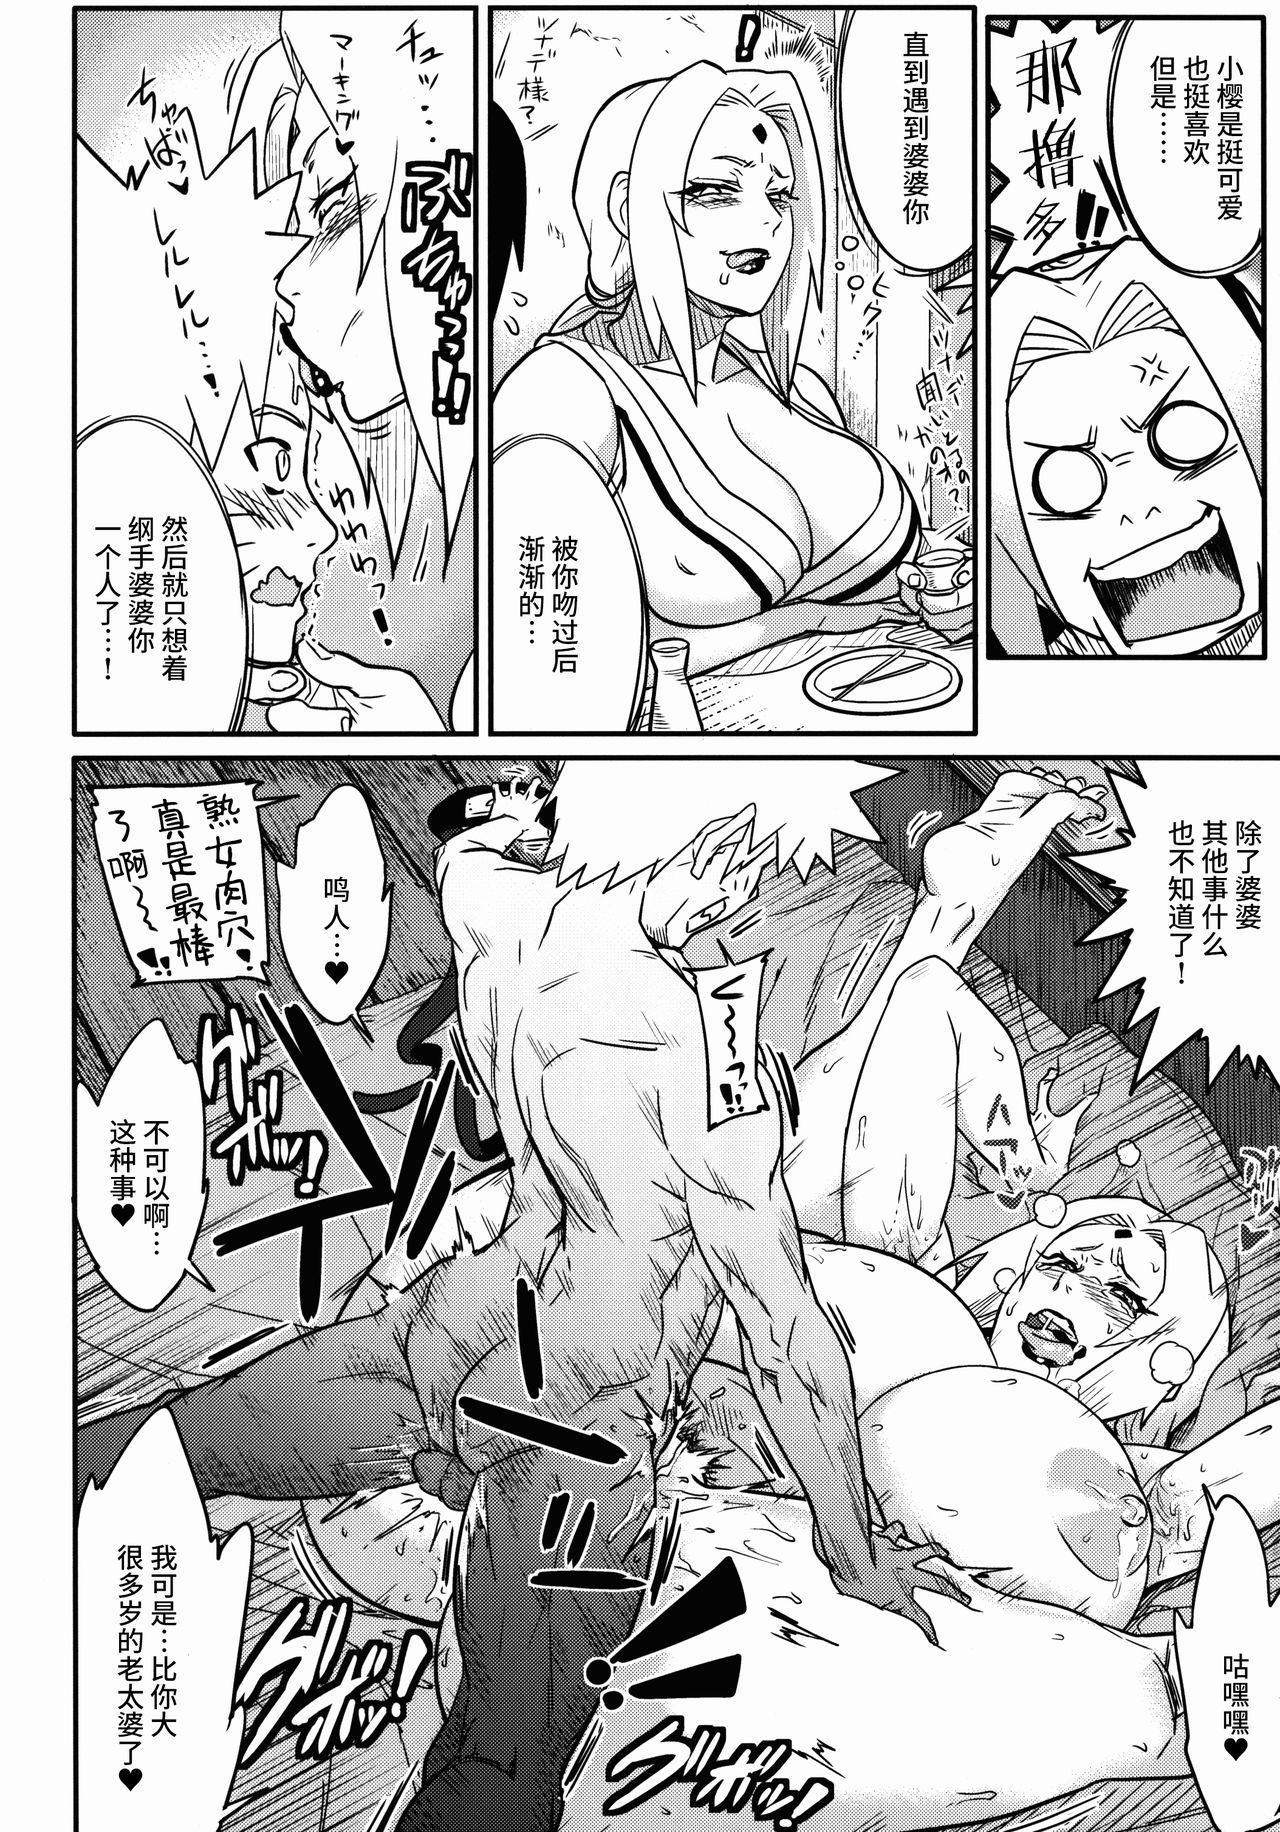 Jukumitsuki Intouden Maki no Ichi 16